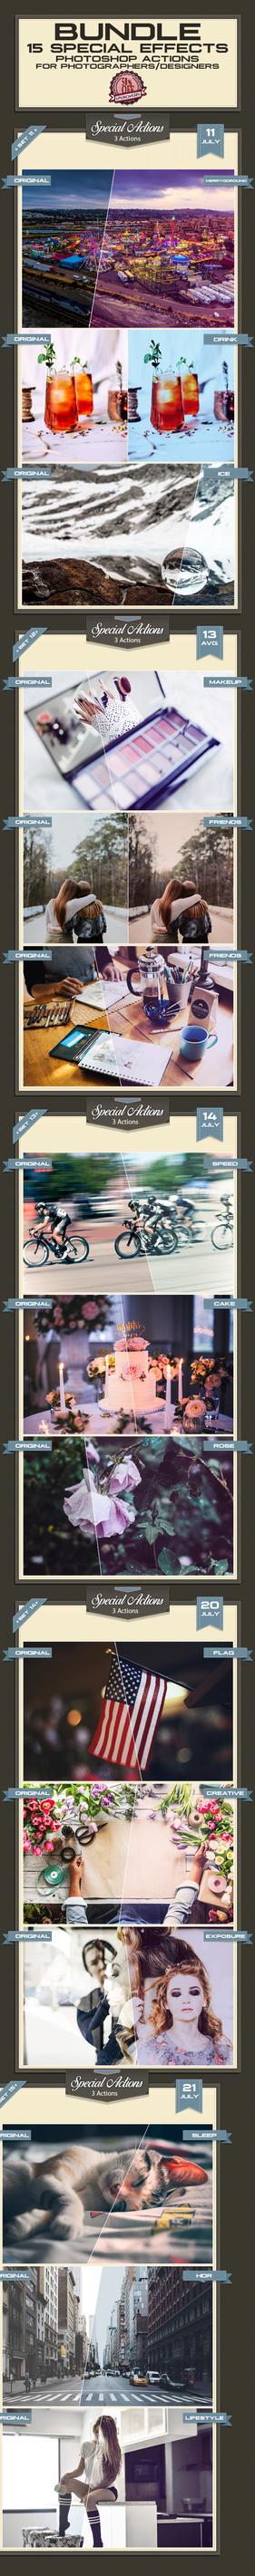 15 Special Photoshop Actions Bundle - Premium! by baturaN